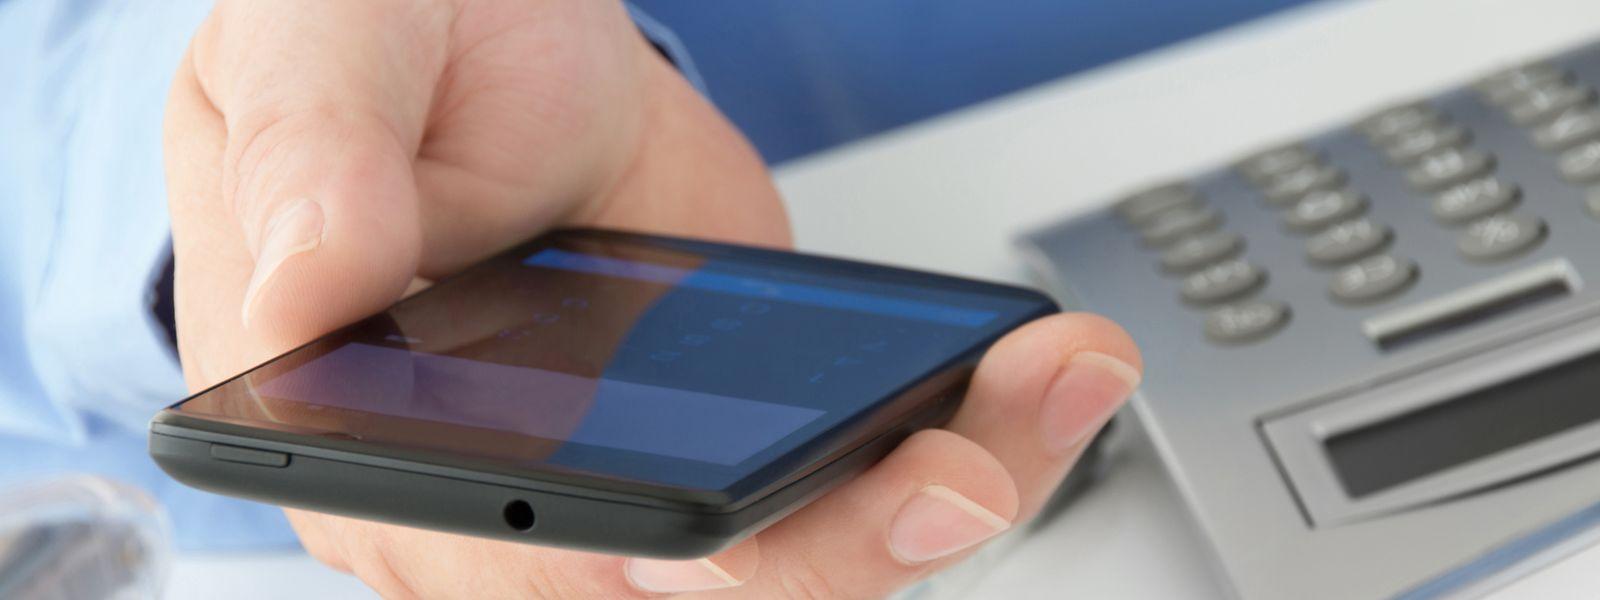 Wer viel Datenkapazität bucht, bezahlt weniger: Die Abo-Tarife fürs mobile Surfen sinken.